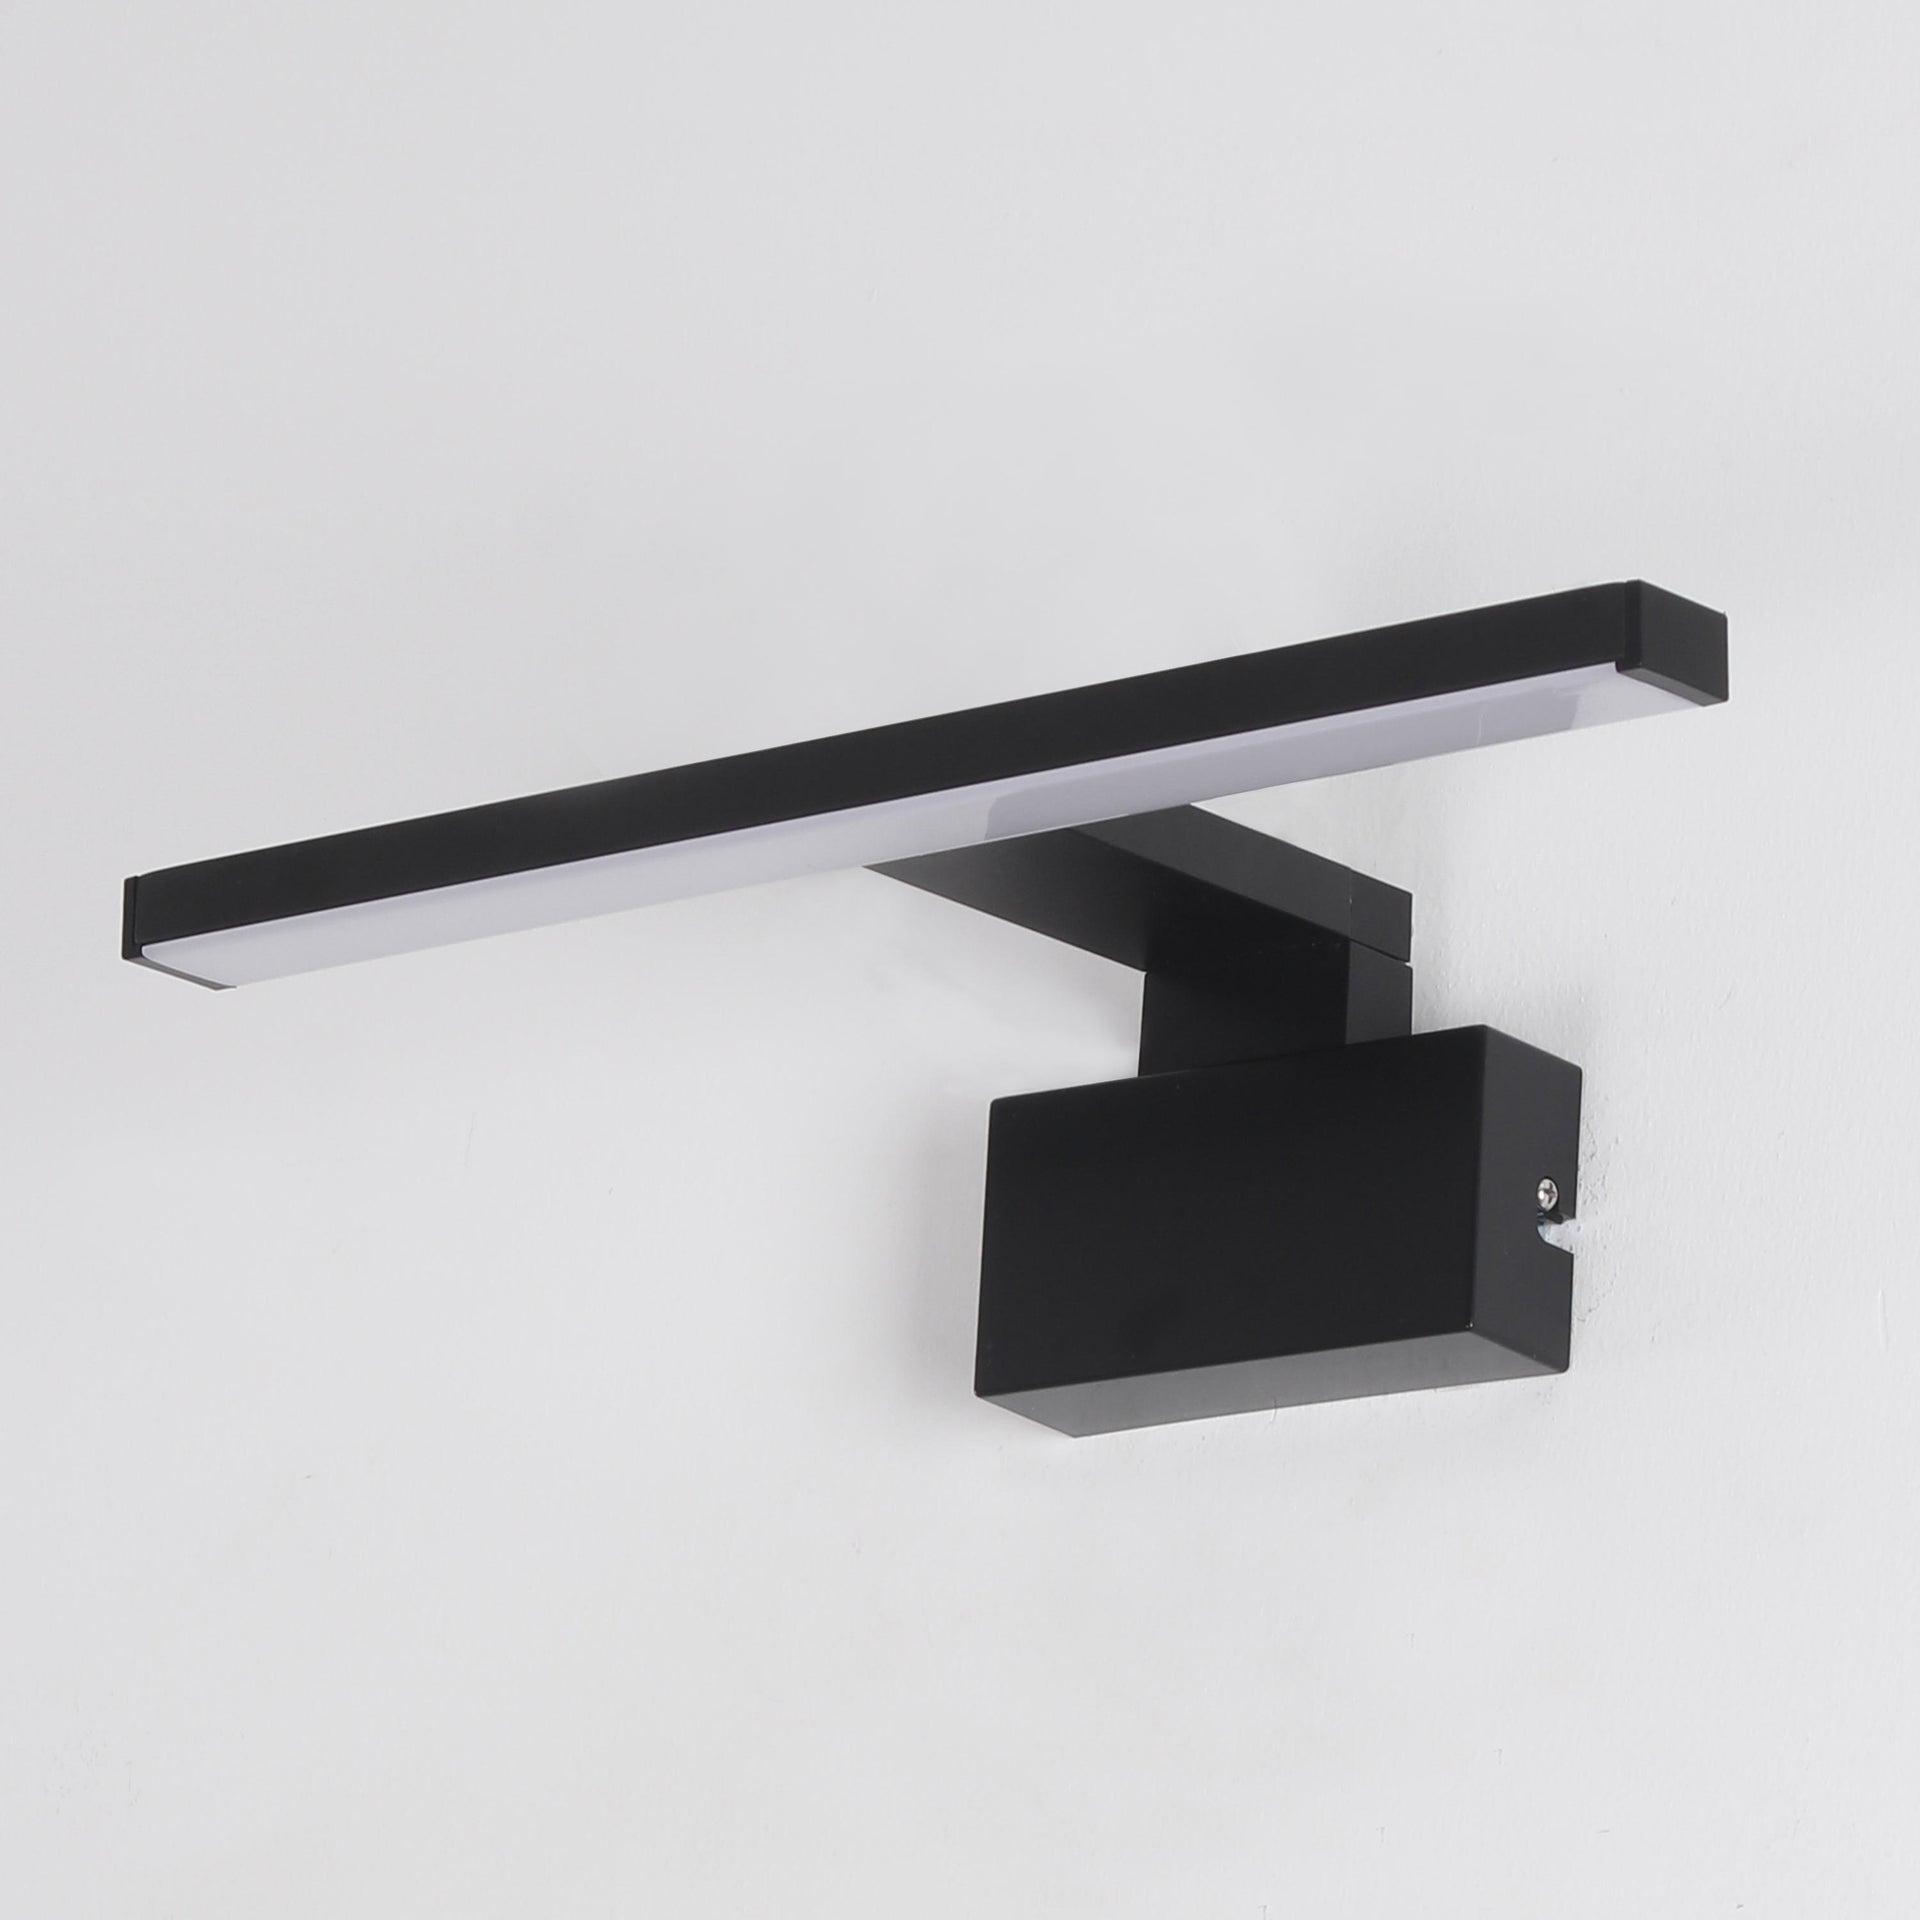 Applique moderno Slim con kit multi attacco , in alluminio, 50.0x50.0 cm, INSPIRE - 2